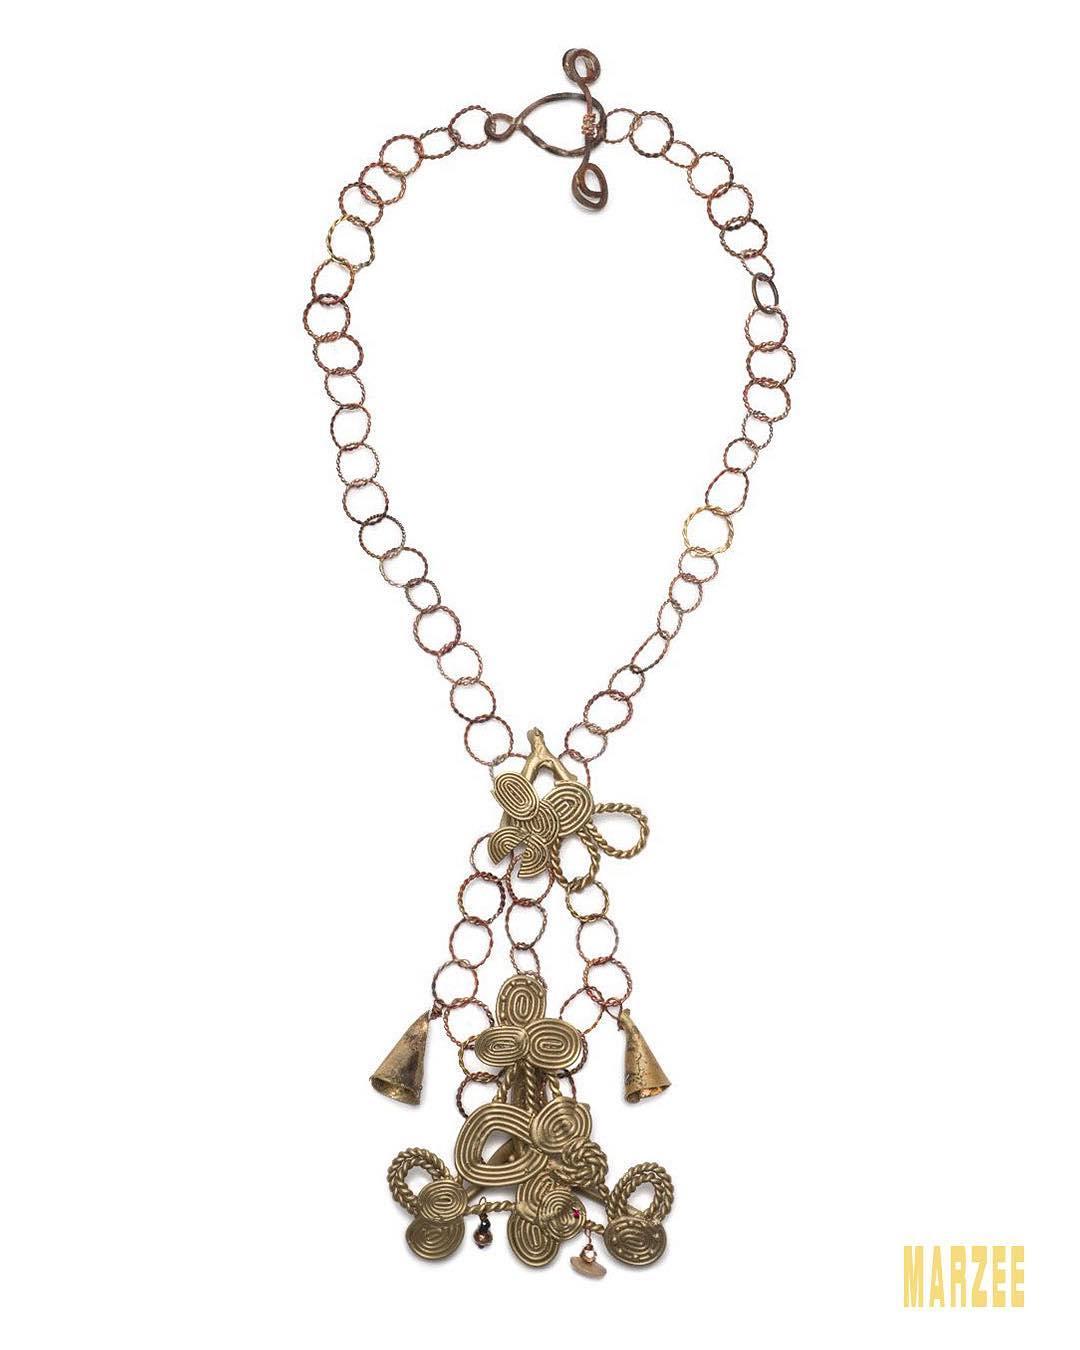 Stephanie Fleck Bells and Brass Triangle, halssieraad, 2014. Foto met dank aan Galerie Marzee©